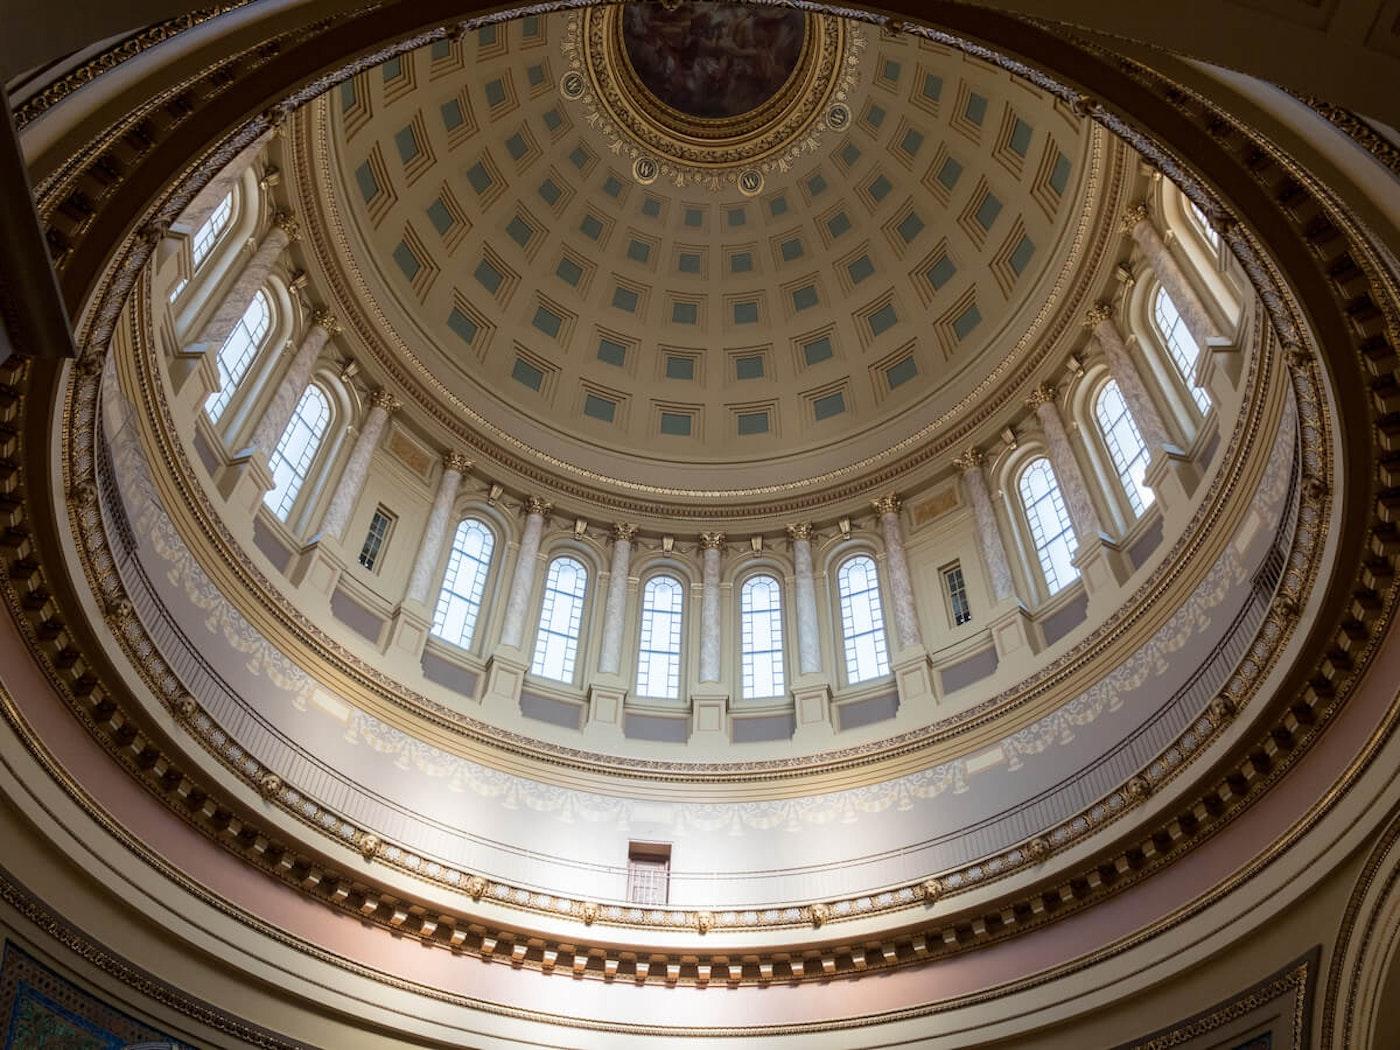 State Capitol dome interior